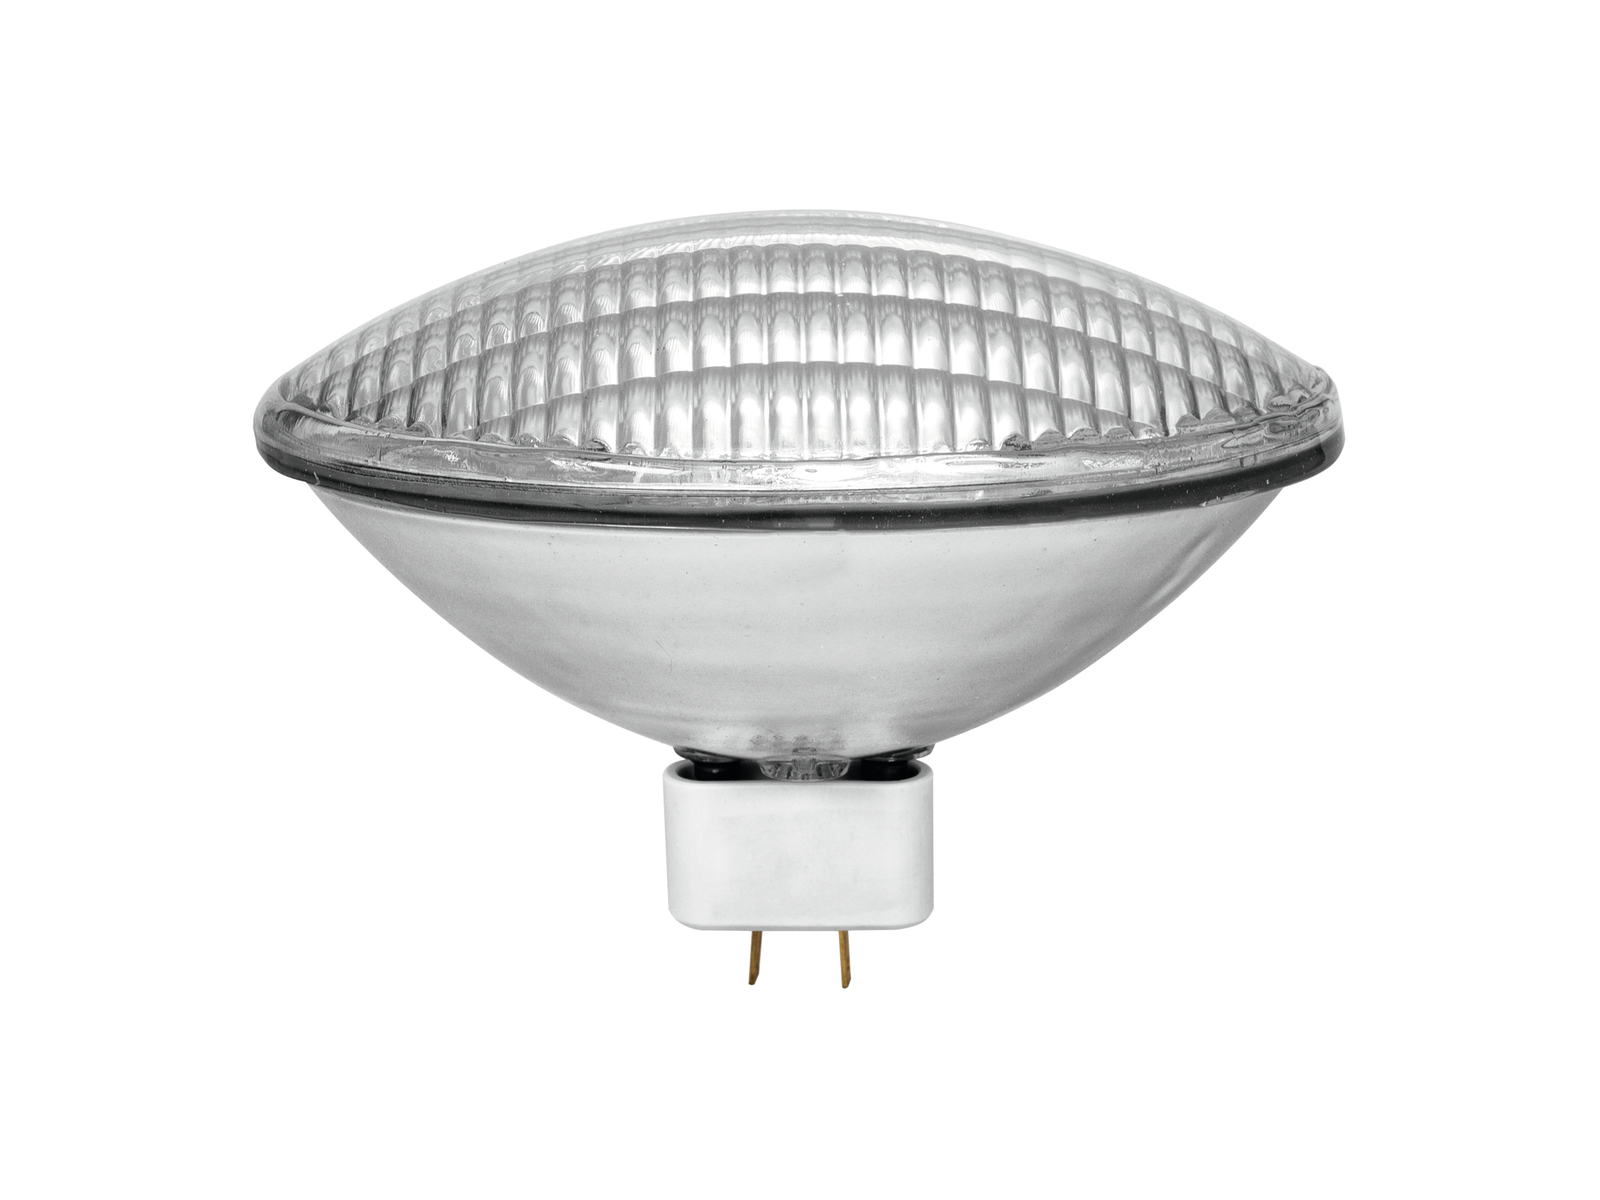 Lampada Faro OMNILUX PAR-64/240V 500W GX16d MFL 300 T 2700 K,